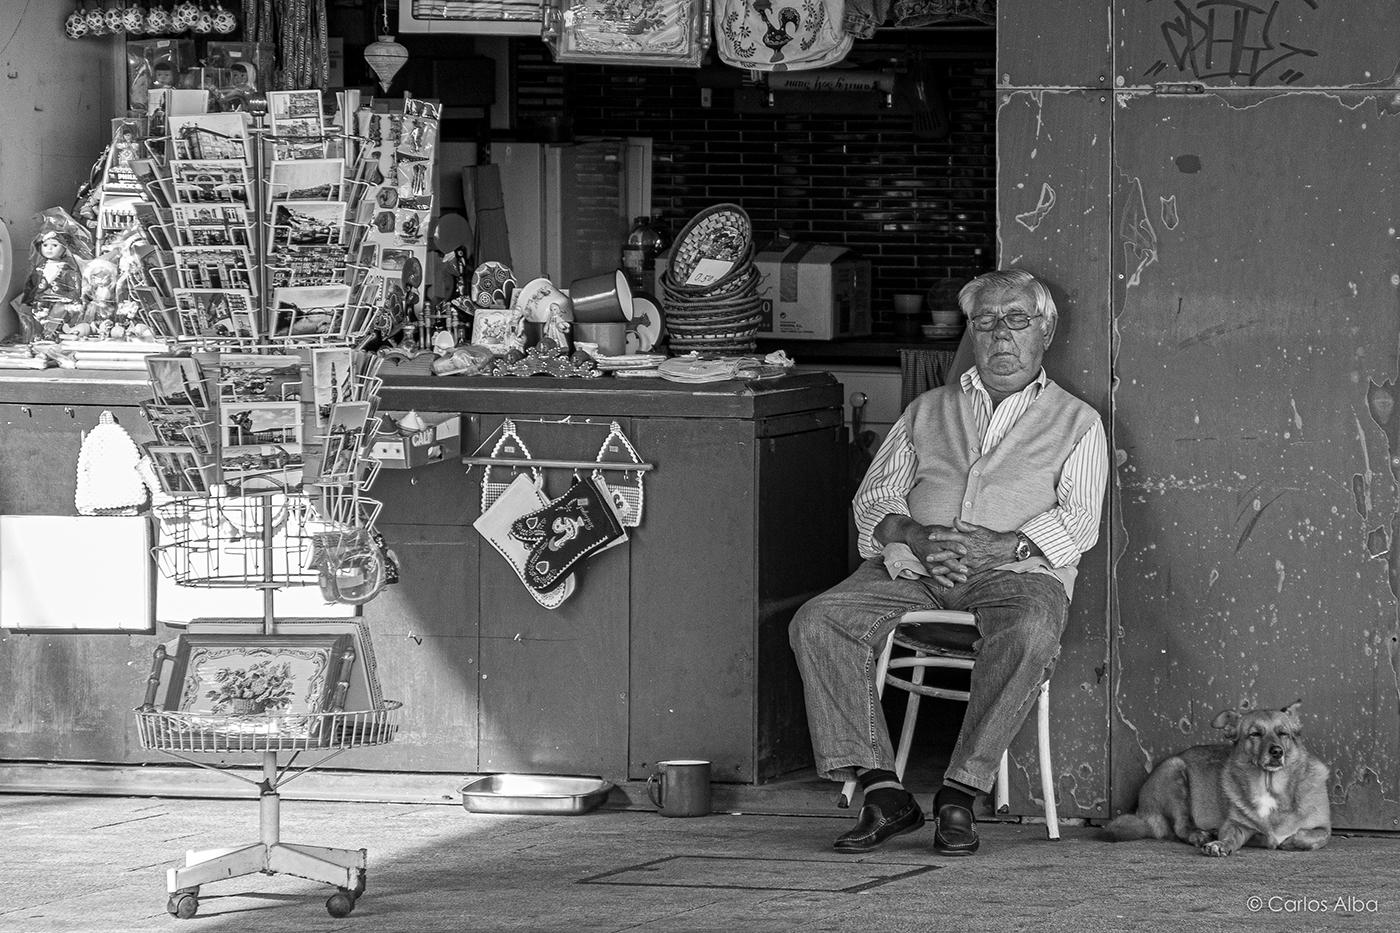 On Every Street - Carlos Alba: Fotografía